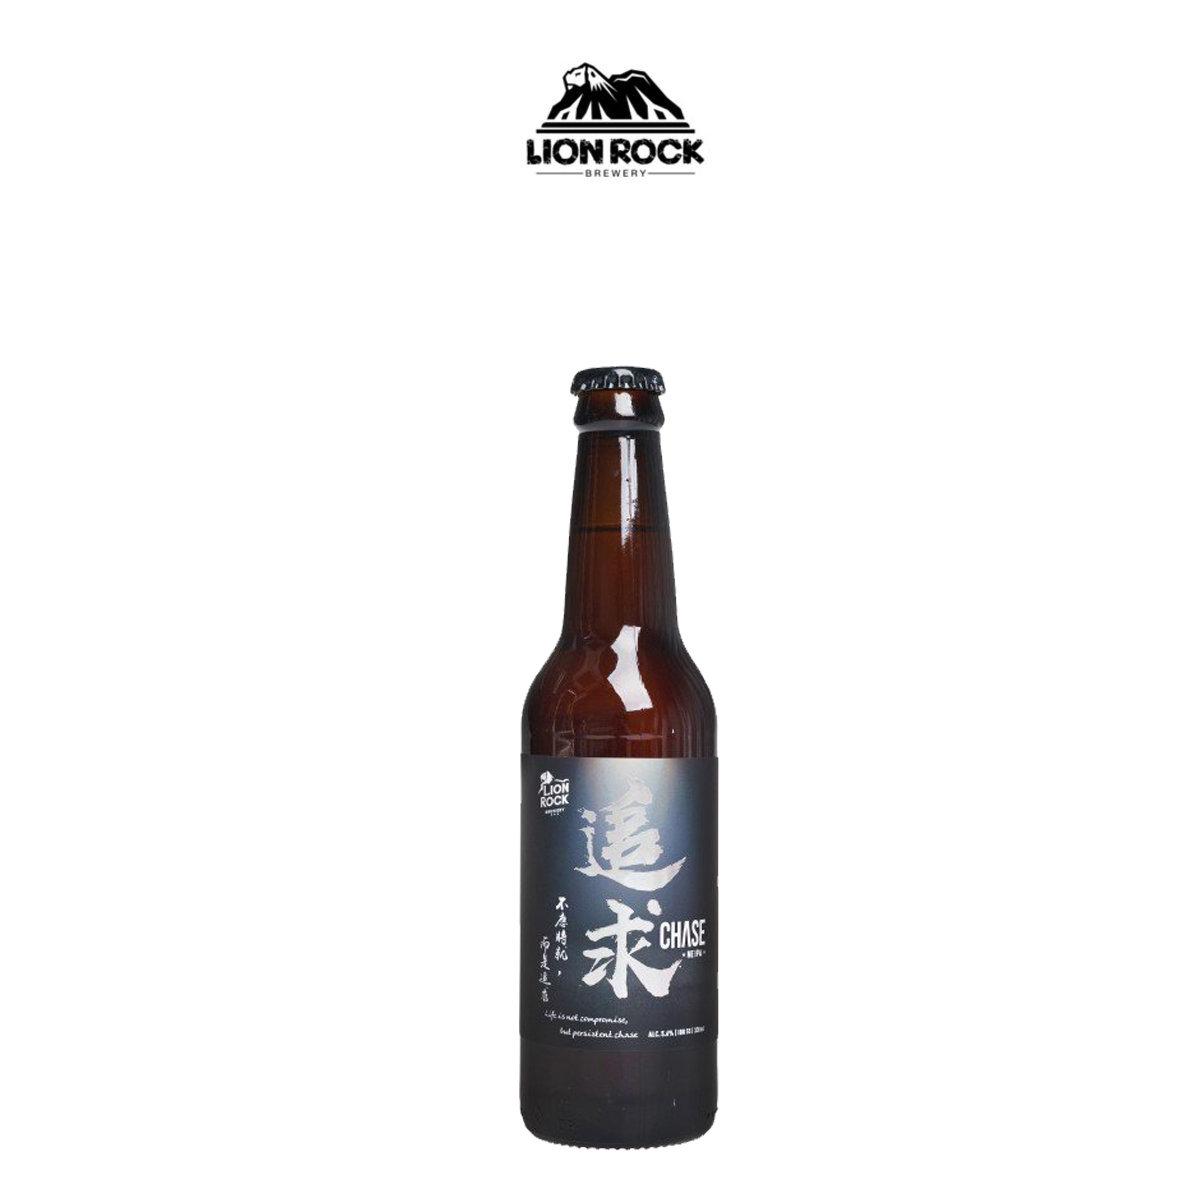 獅子山啤 - 追求